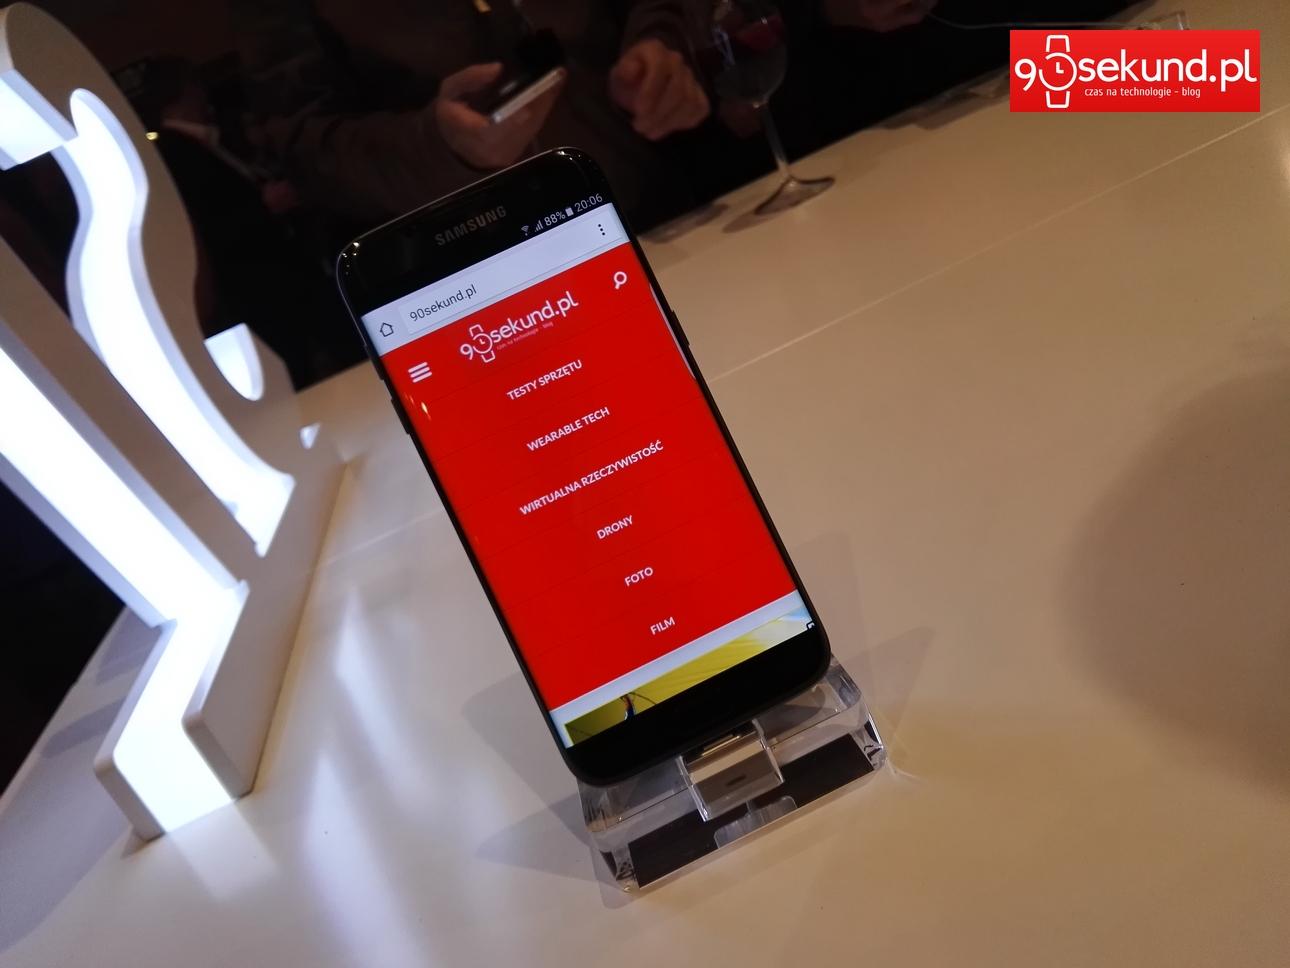 Samsung Galaxy S7/S7 Edge - 90sekund.pl